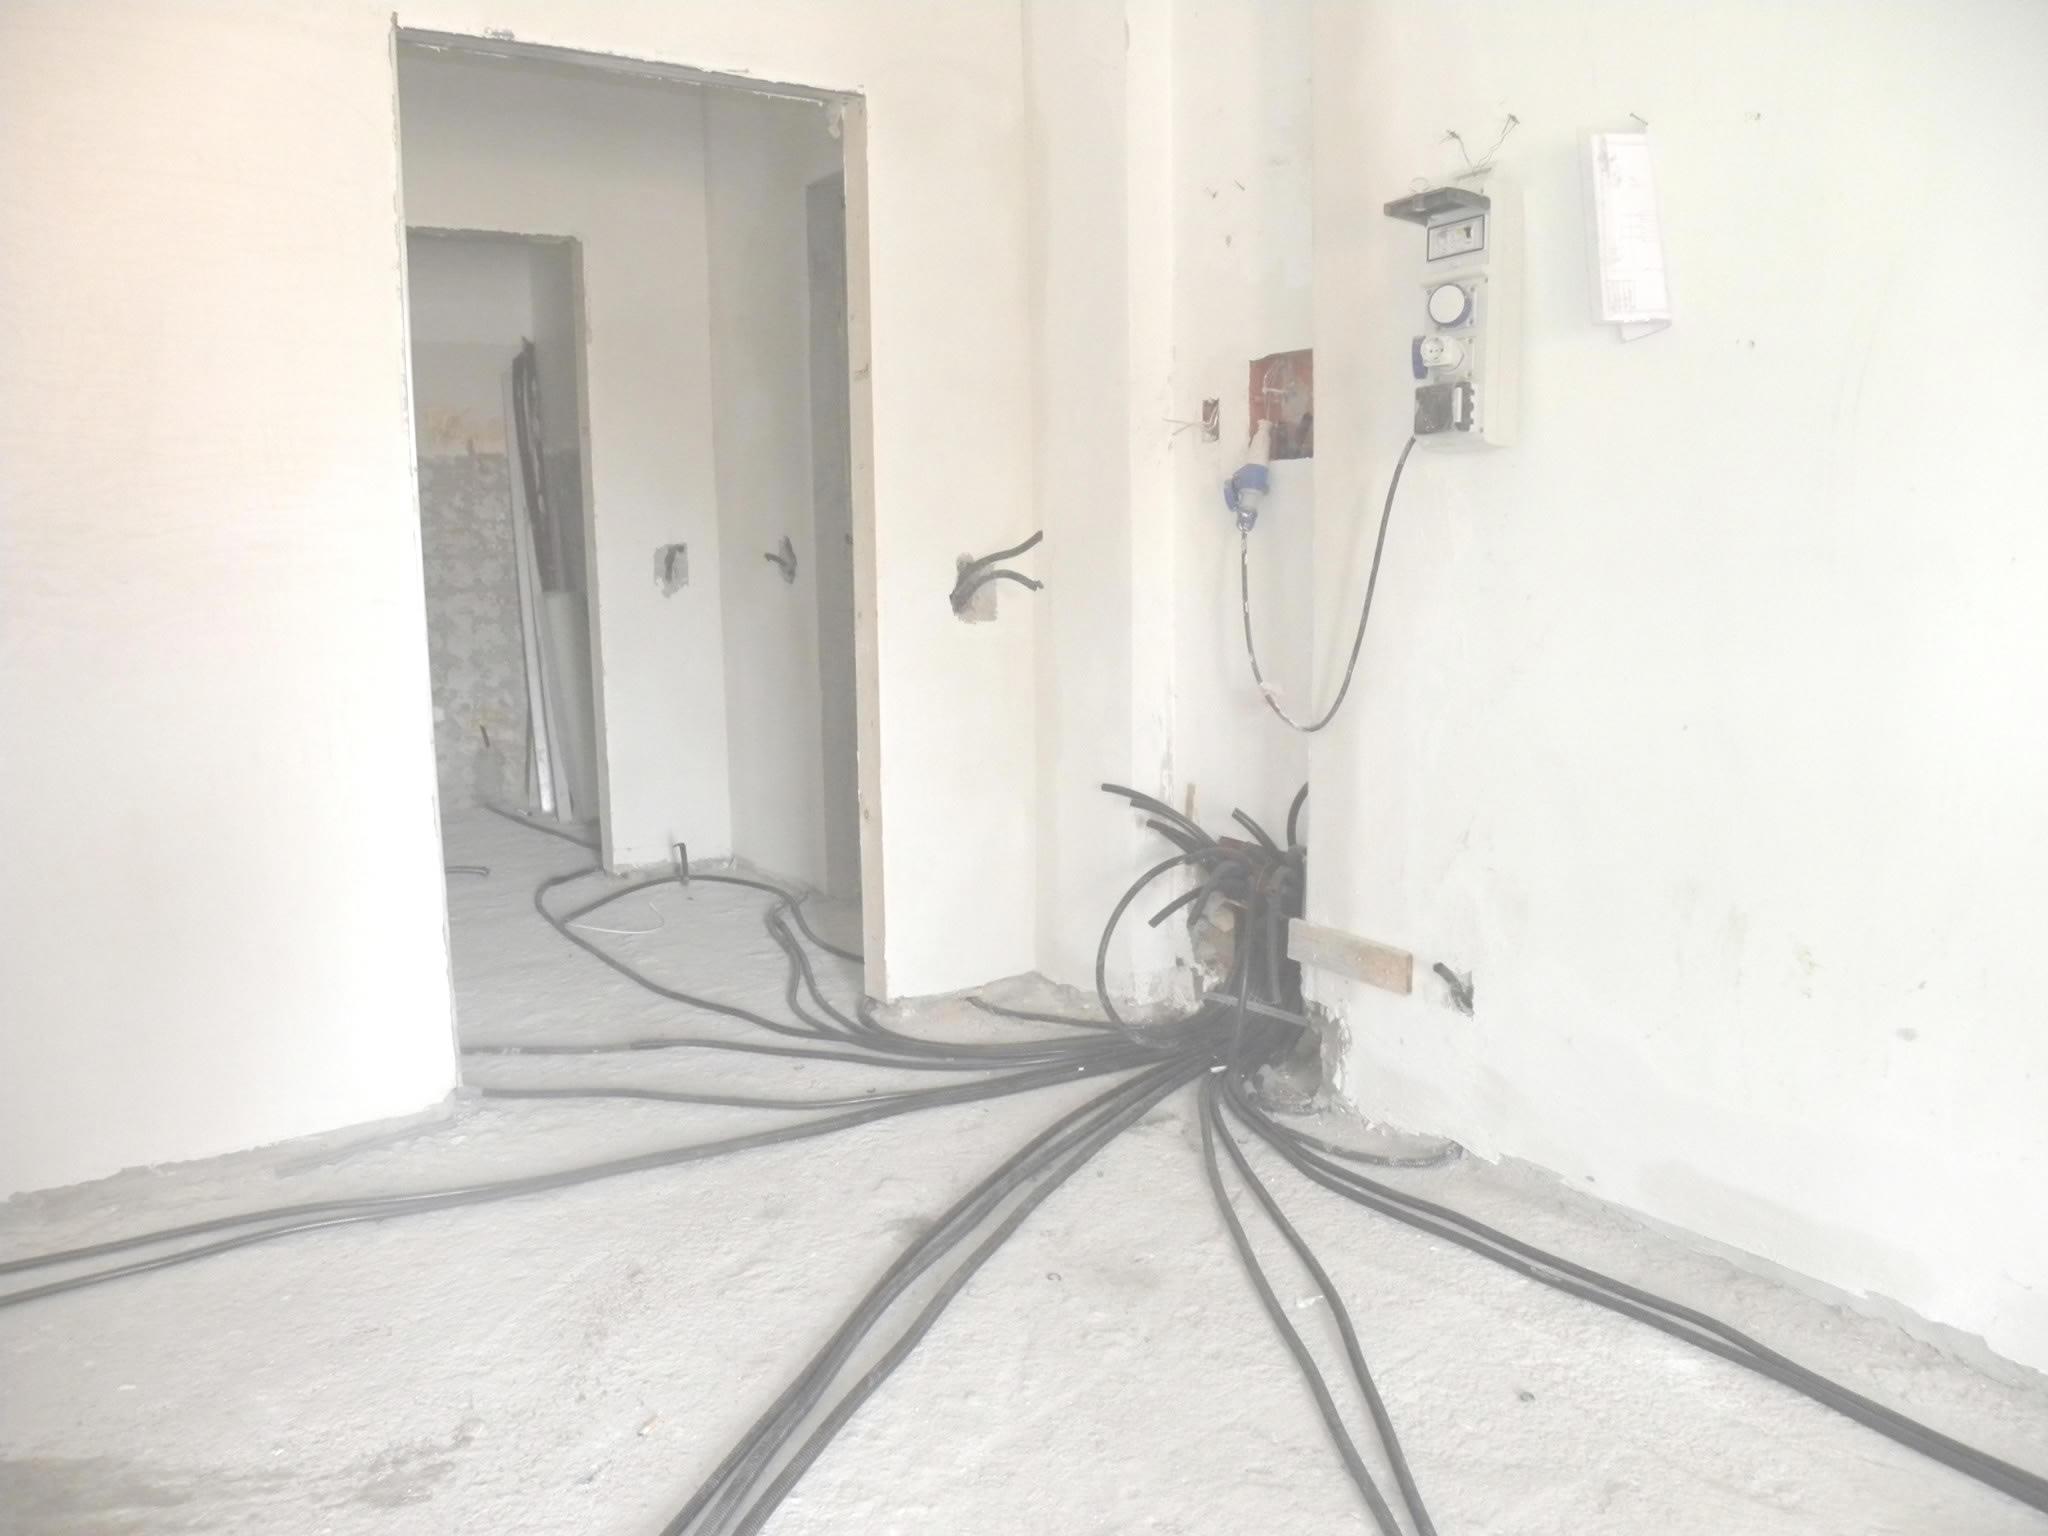 Quanto costa ristrutturare appartamento roma - Impianto elettrico in bagno ...